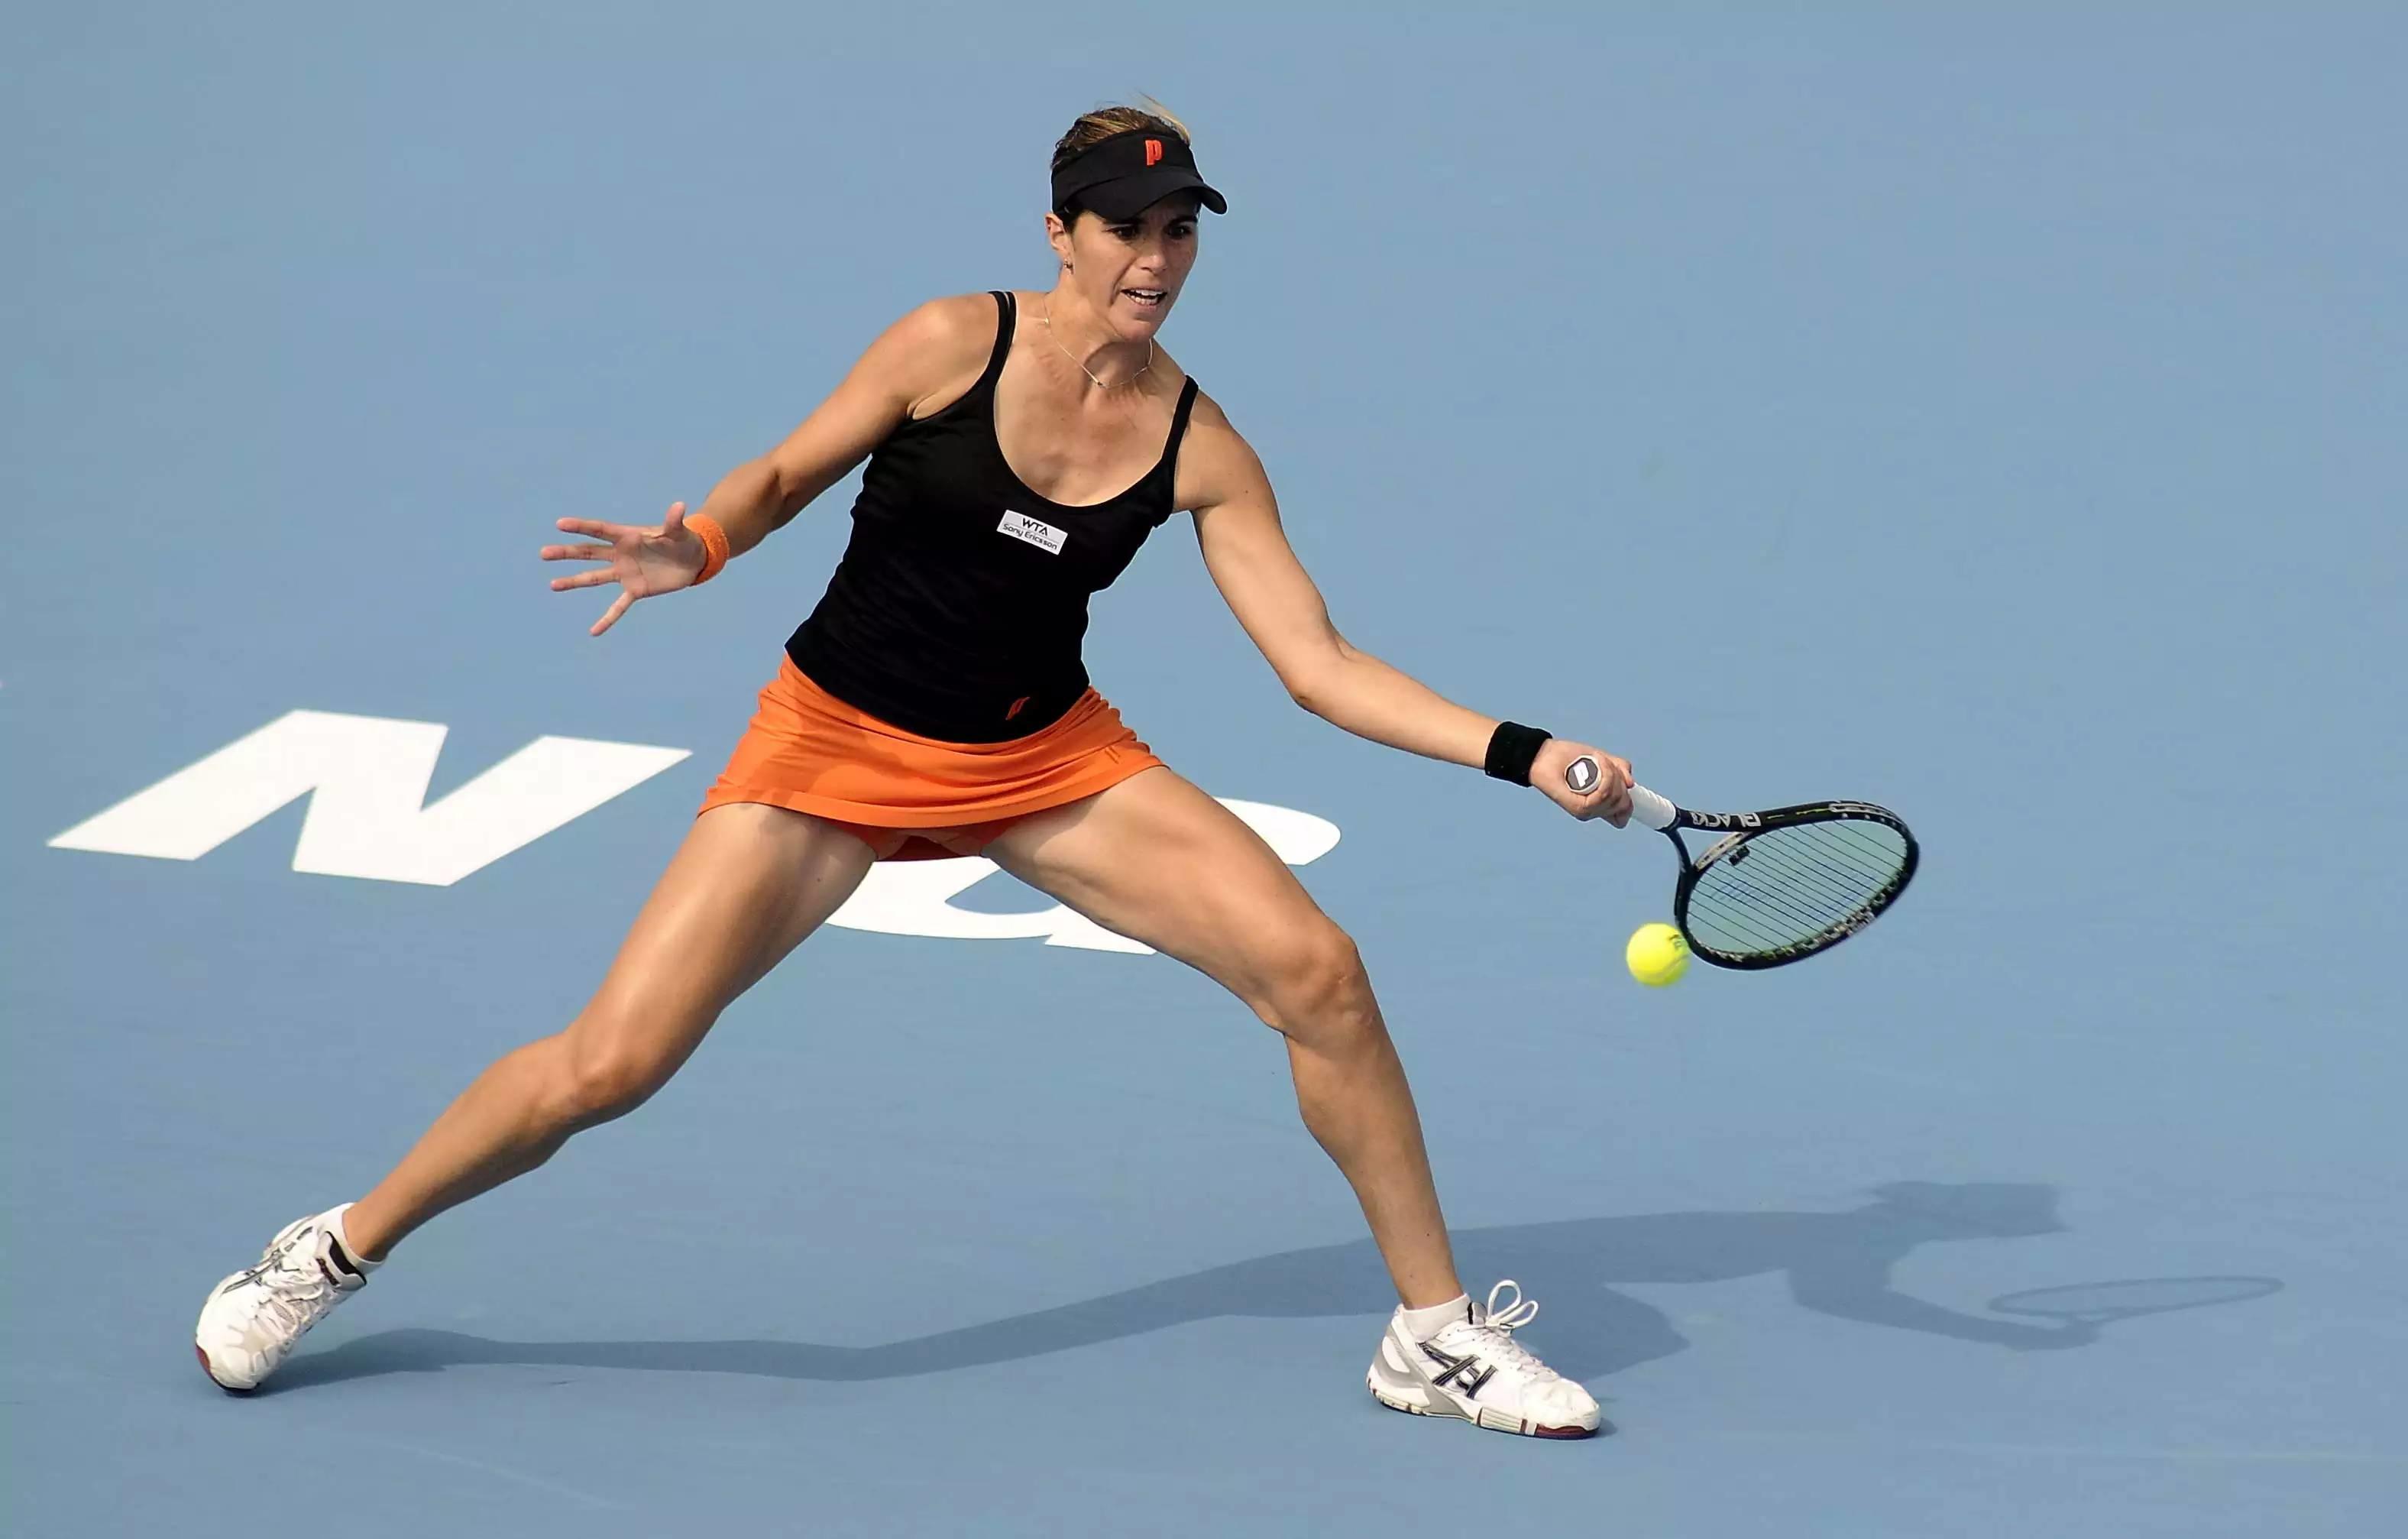 【涨姿势】不同场地的网球鞋有什么不同?